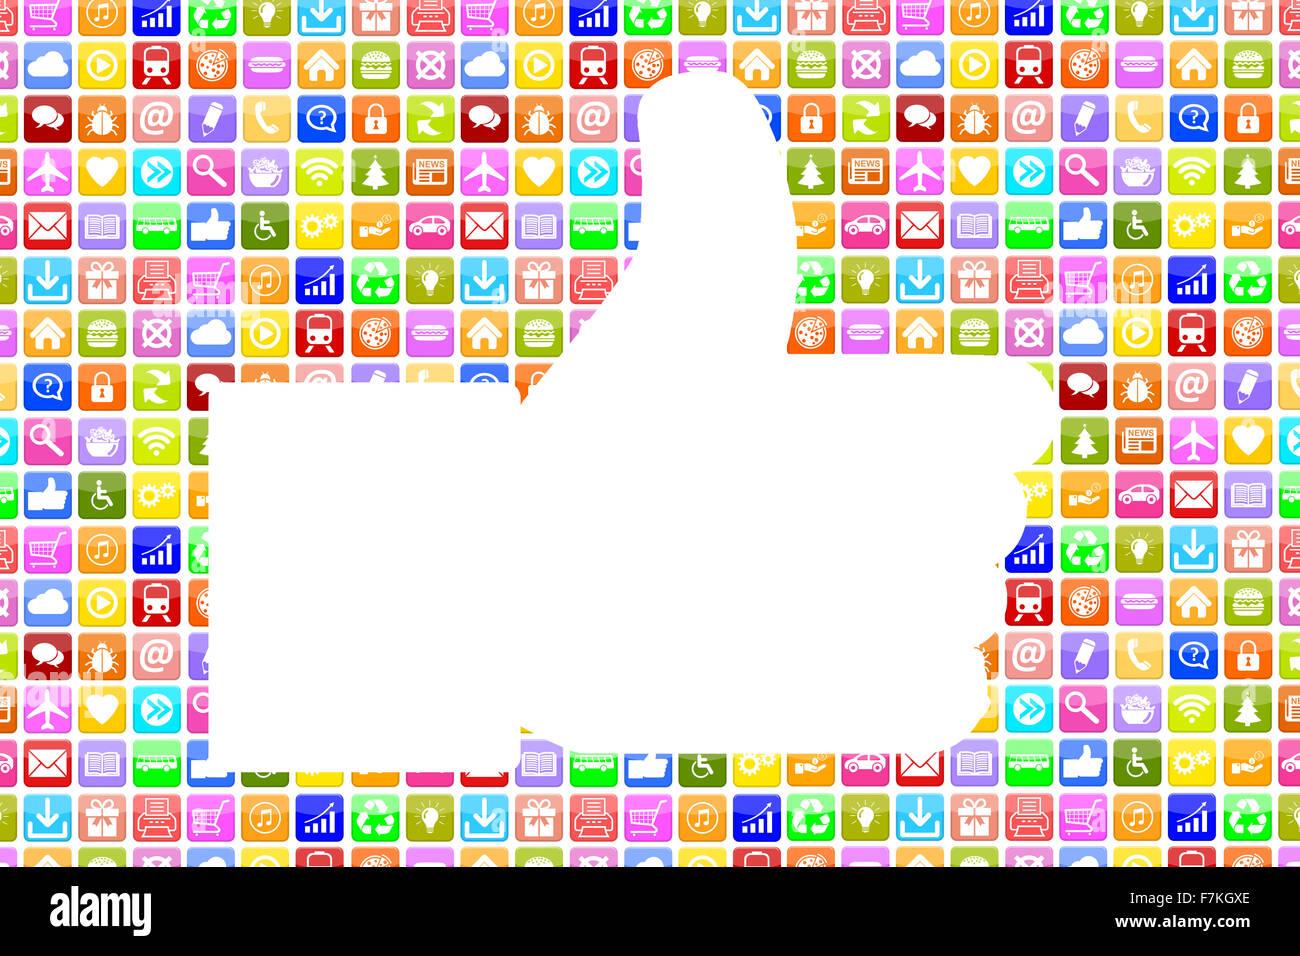 Aplicaciones Aplicaciones App como icono Thumbs up medios sociales en red móvil o teléfono inteligente. Imagen De Stock